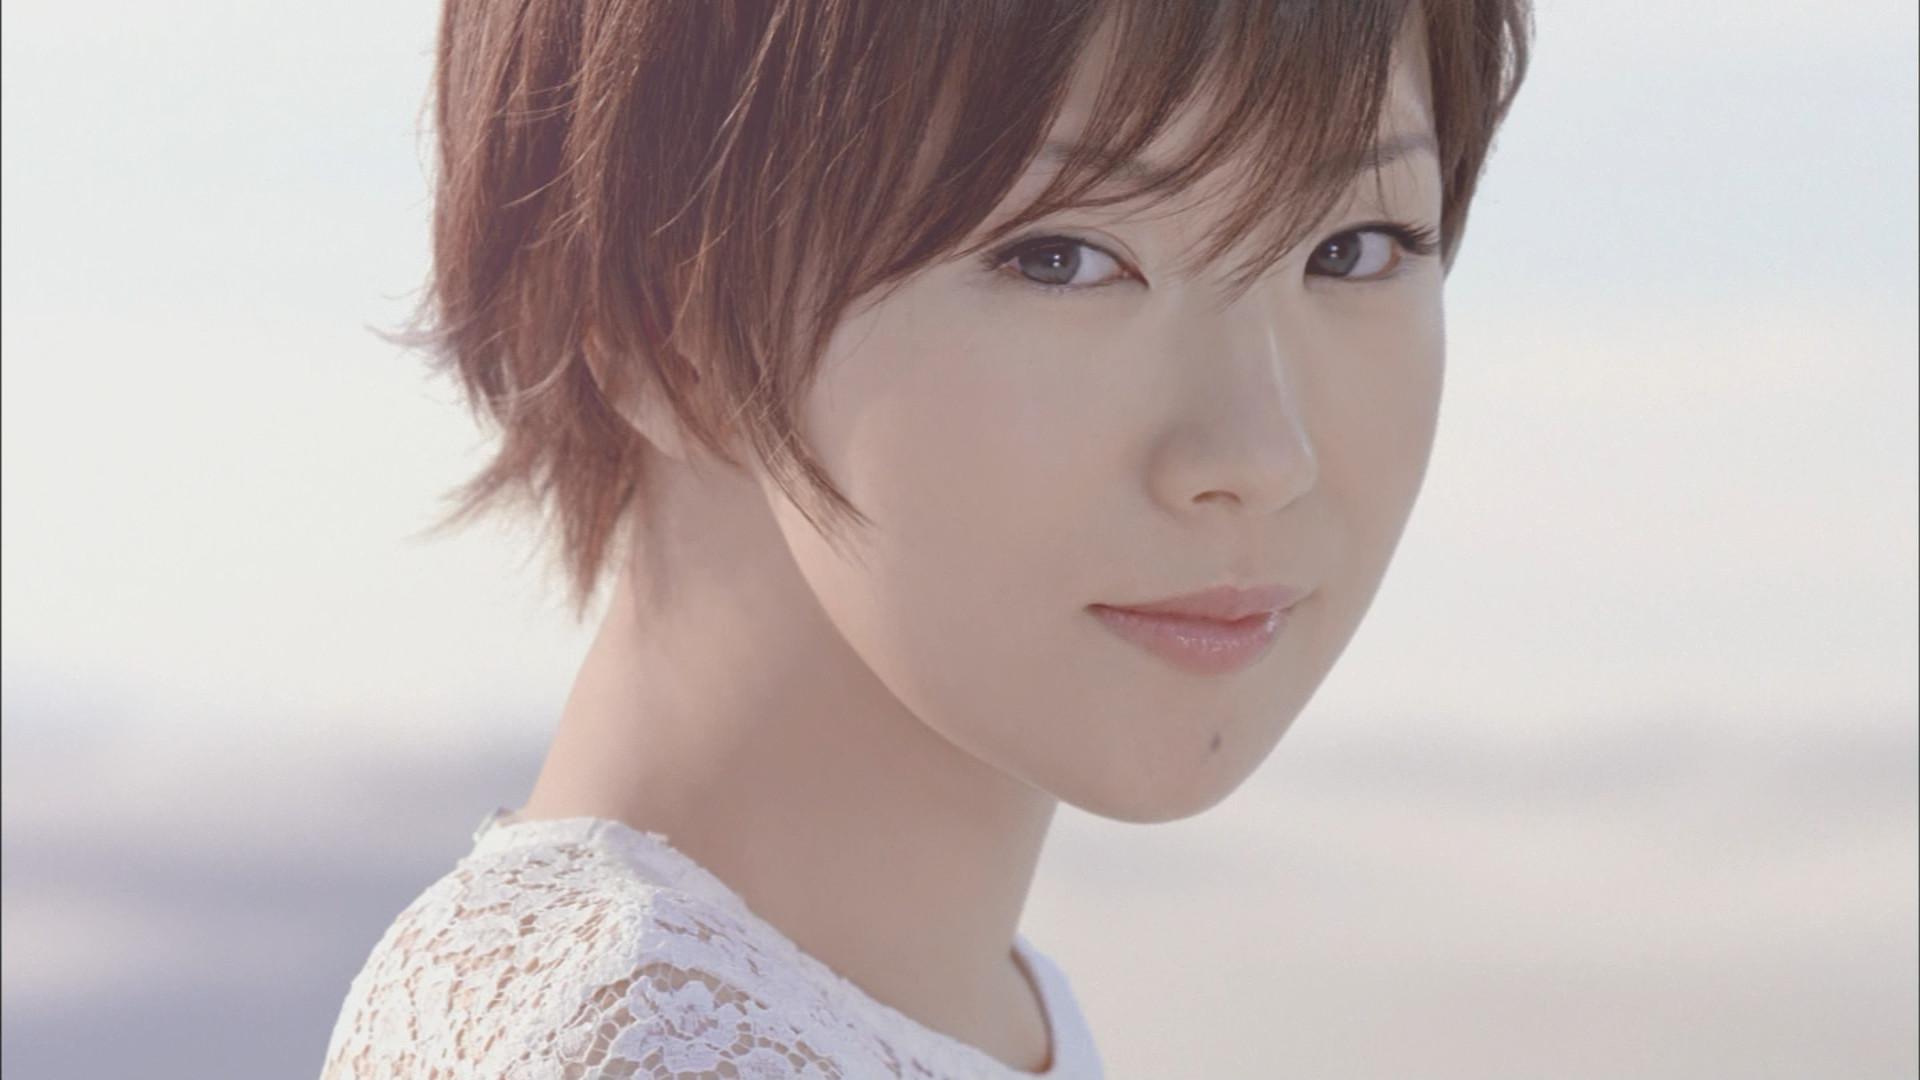 椎名林檎さんの音楽観が知れるインタビューについてまとめます!のサムネイル画像